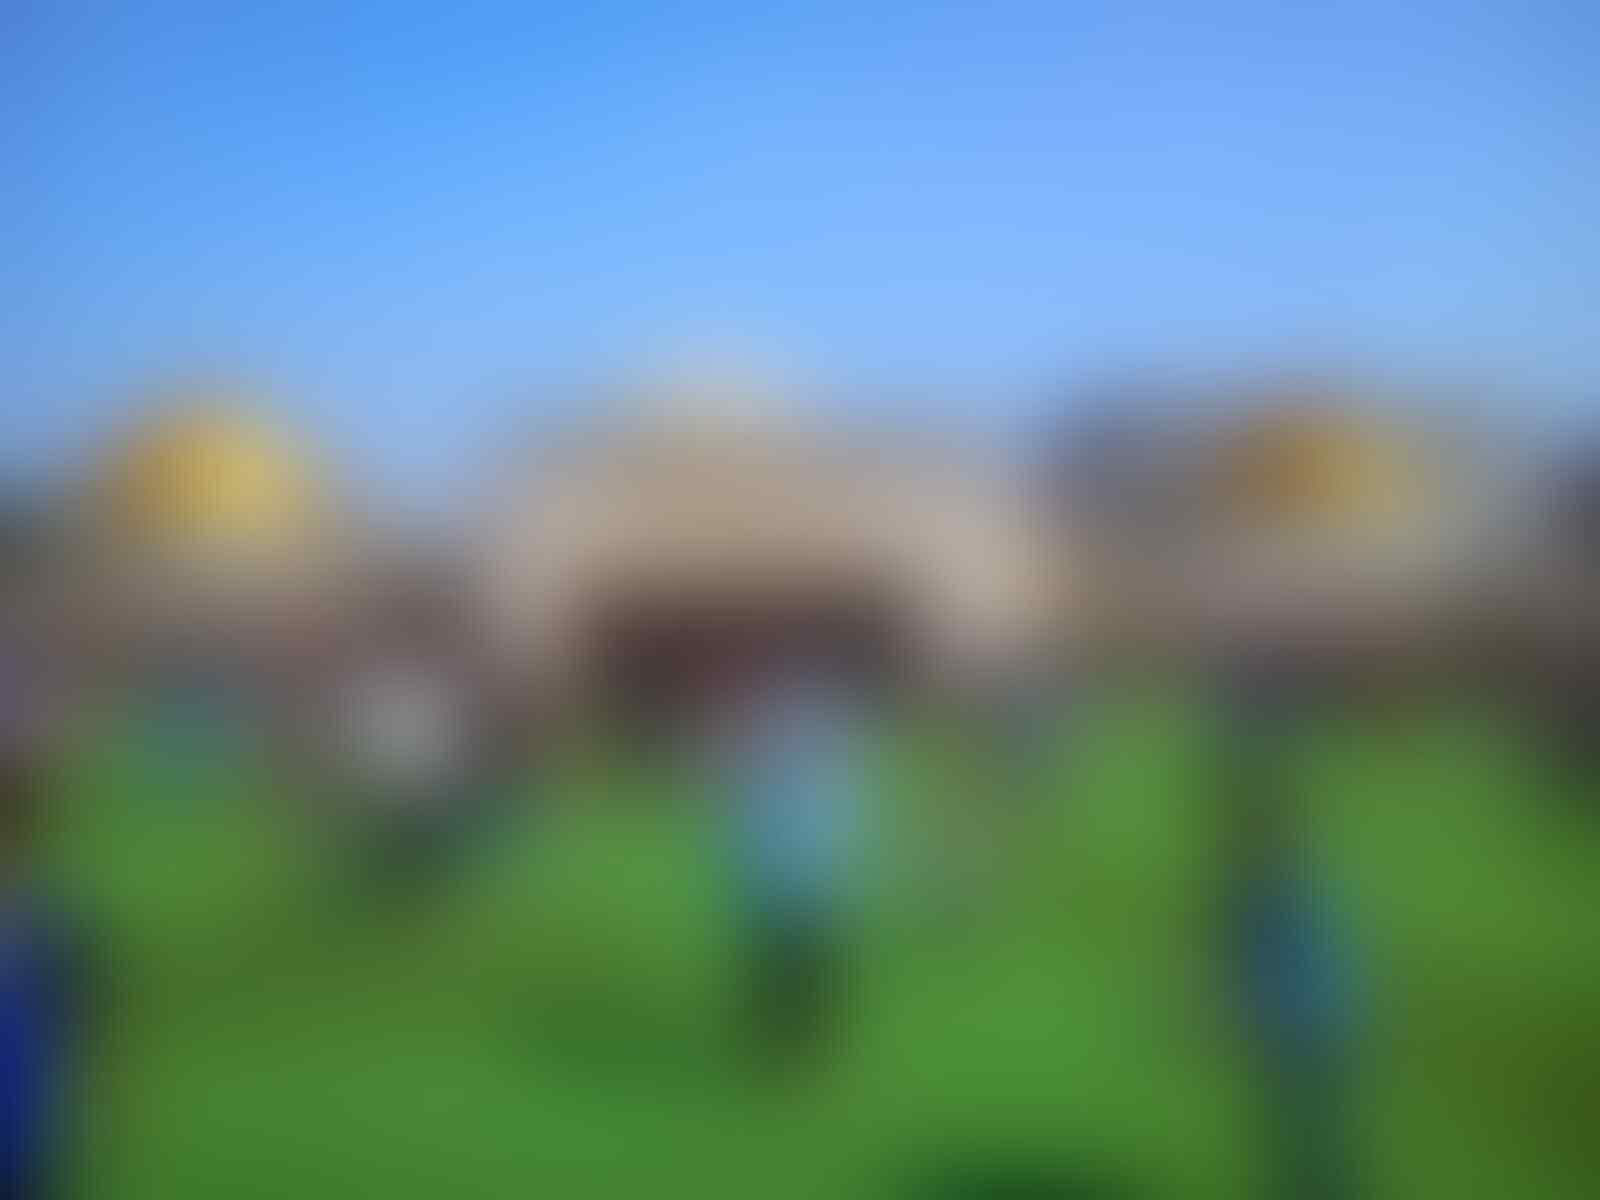 Asal-usul Kata dan Tradisi Ngabuburit, Kamu Sudah Tahu?